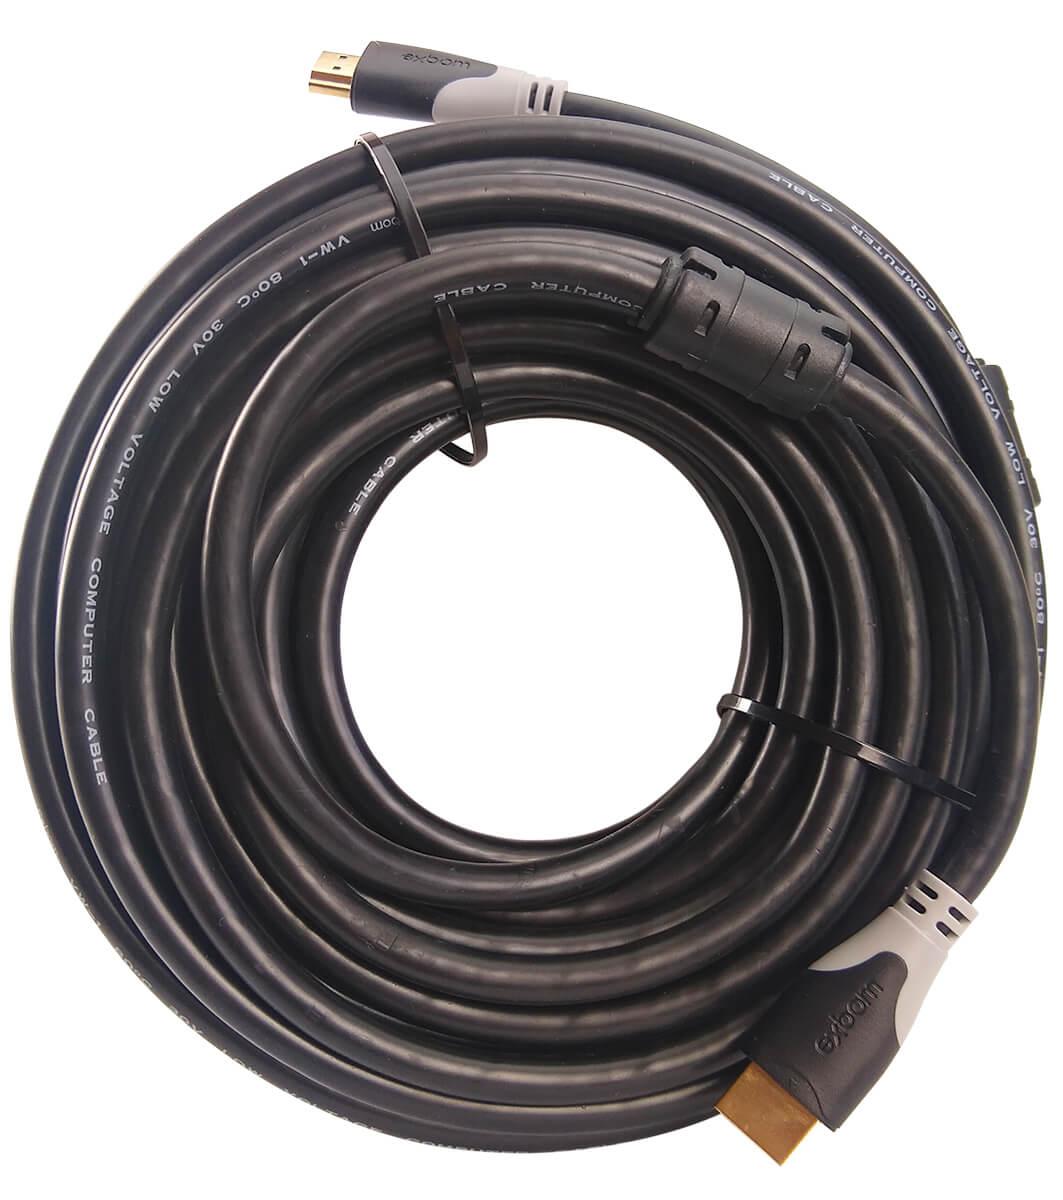 Cabo HDMI 1.4 15 Metros Blindado com Filtro (sem malha) Exbom CBX-H150SM